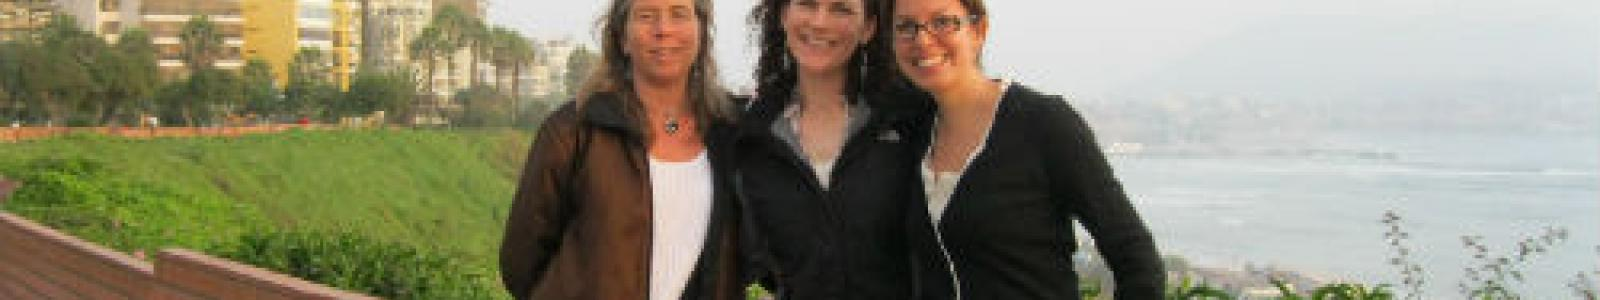 De izquierda a derecha, parte del equipo de trabajo del proyecto: Anna Cederstav, codirectora de AIDA; Andrea Treece, abogada de Earthjustice y Haydée Rodríguez, abogada de AIDA.